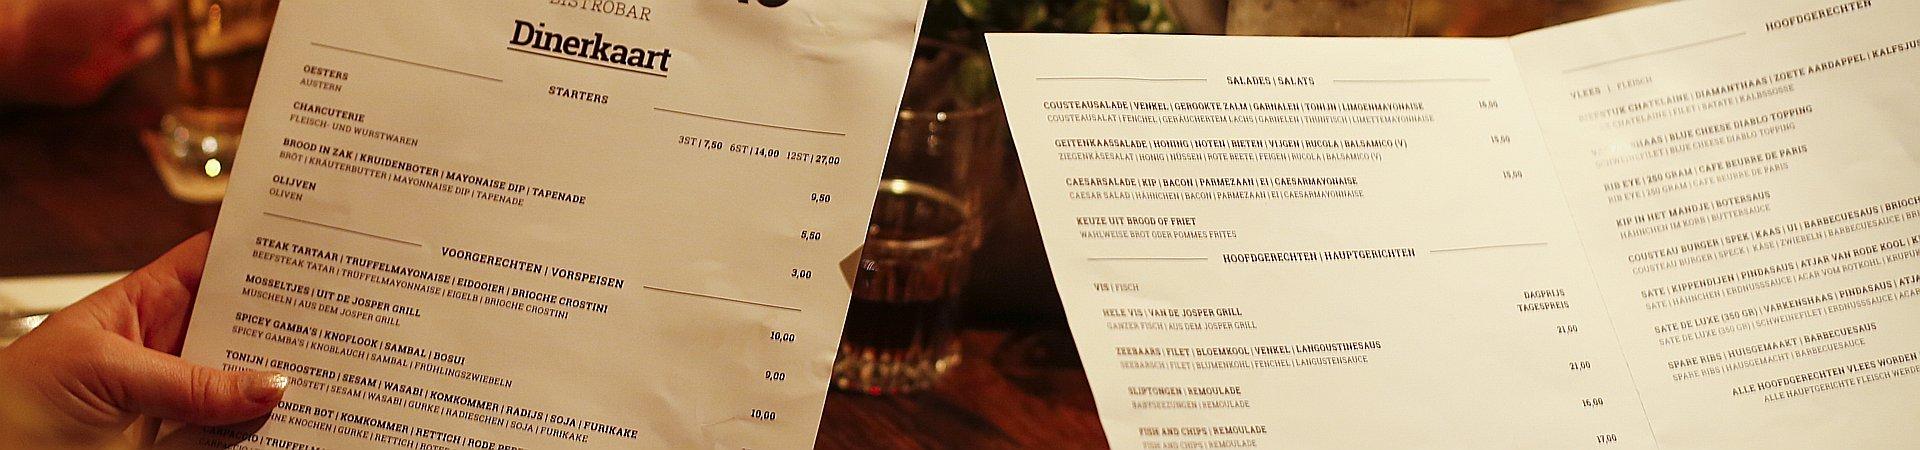 Foto van mensen die een restaurant menukaart vasthouden